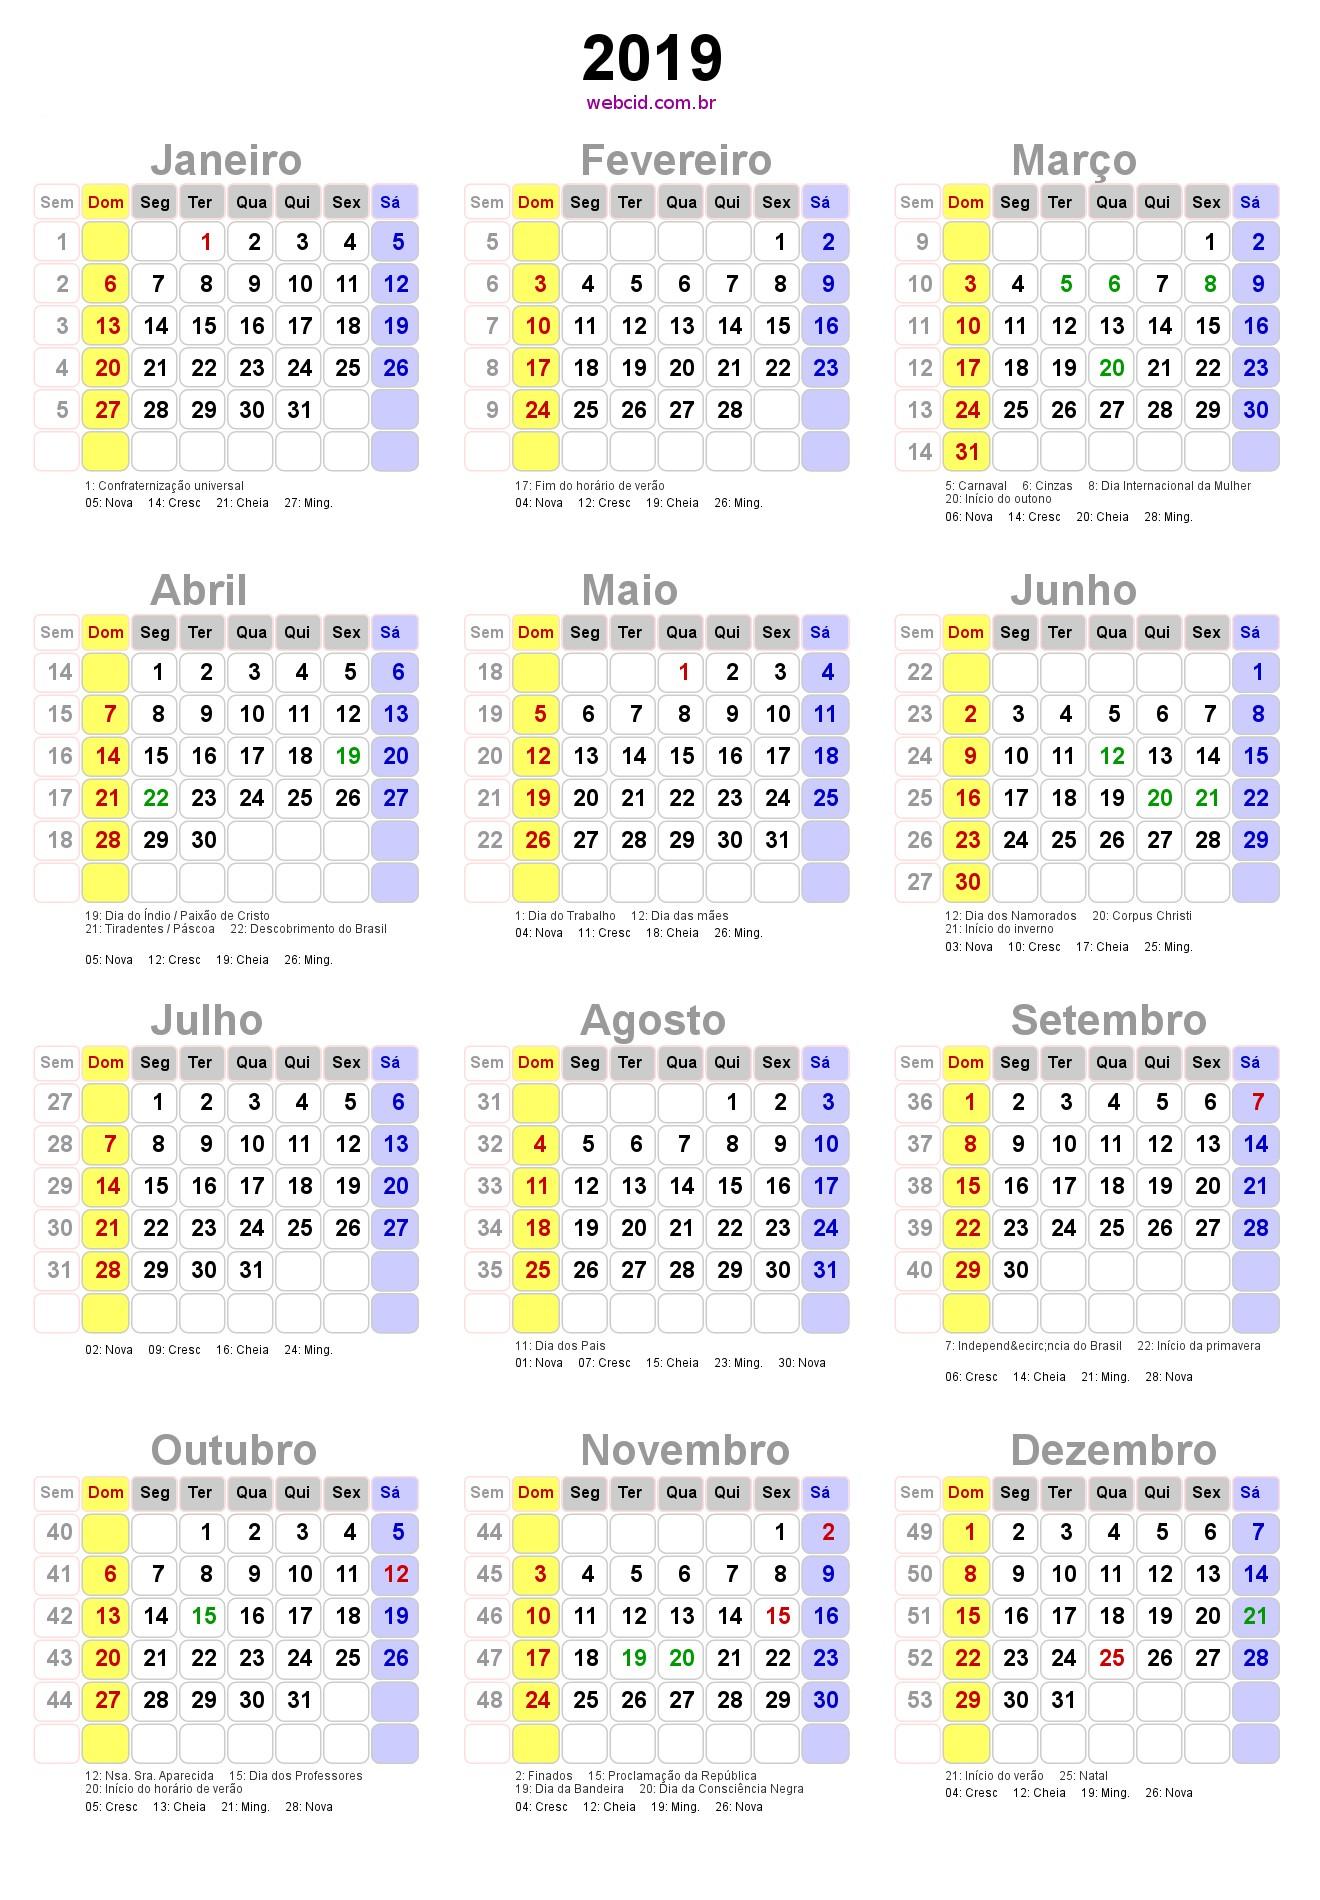 Calendário Dezembro 2017 Para Imprimir Turma Da Monica Más Recientes Resultado De Imagem Para Calendário 2019 Of Calendário Dezembro 2017 Para Imprimir Turma Da Monica Más Reciente Alfabetiza‡ƒo Cefapro Pontes E Lacerda Mt Algumas Ideias Para